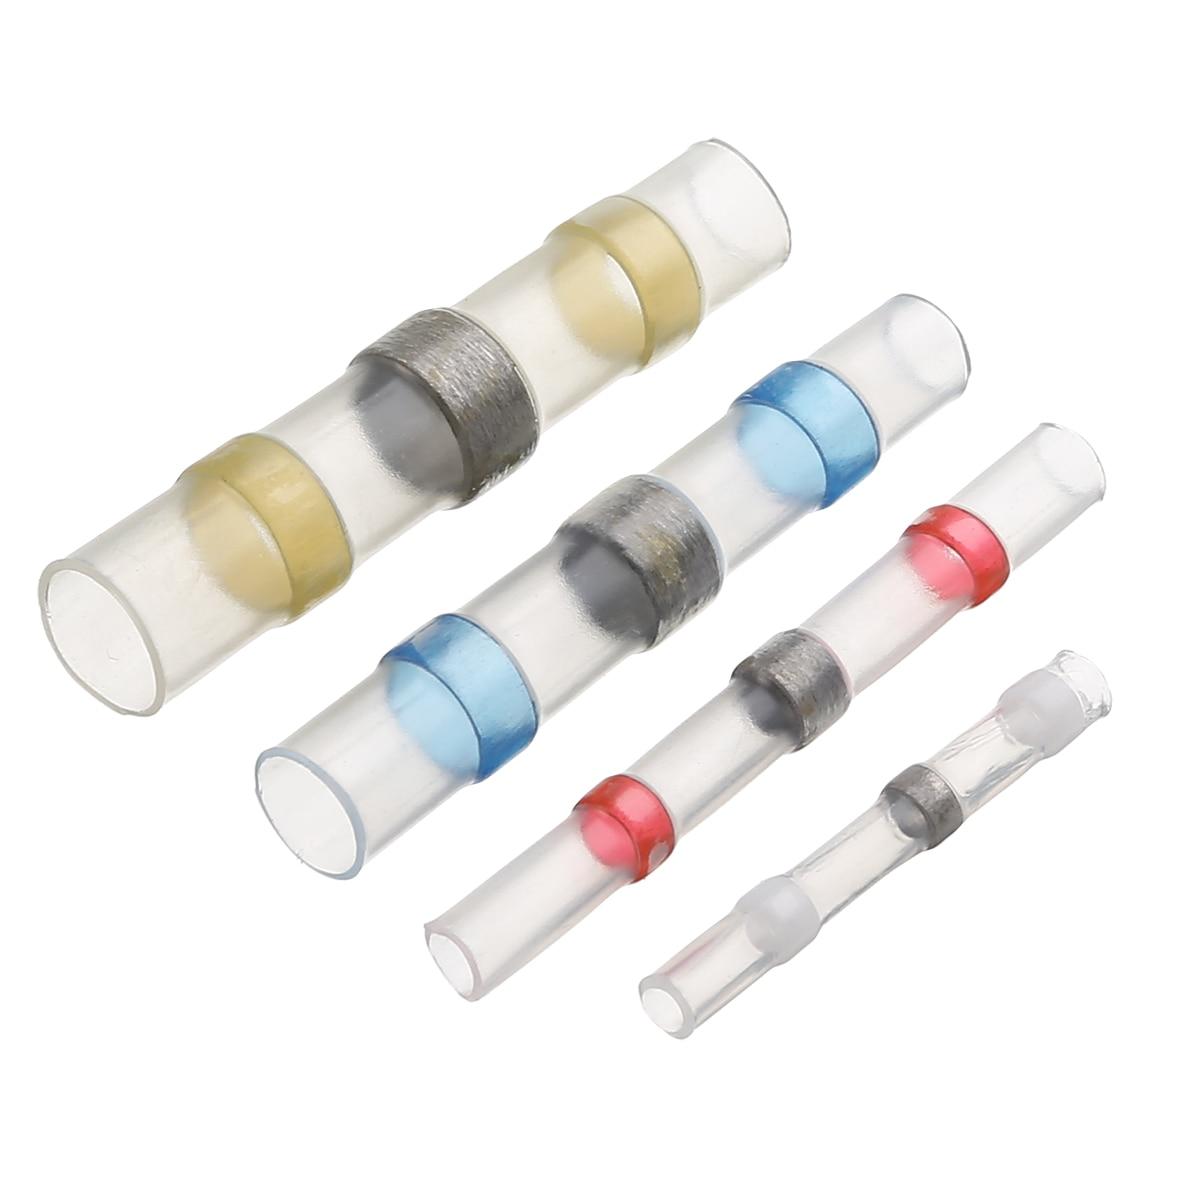 100pcs Waterproof Solder Sleeve Tube Set Heat Shrink Butt Wire Splice Connectors